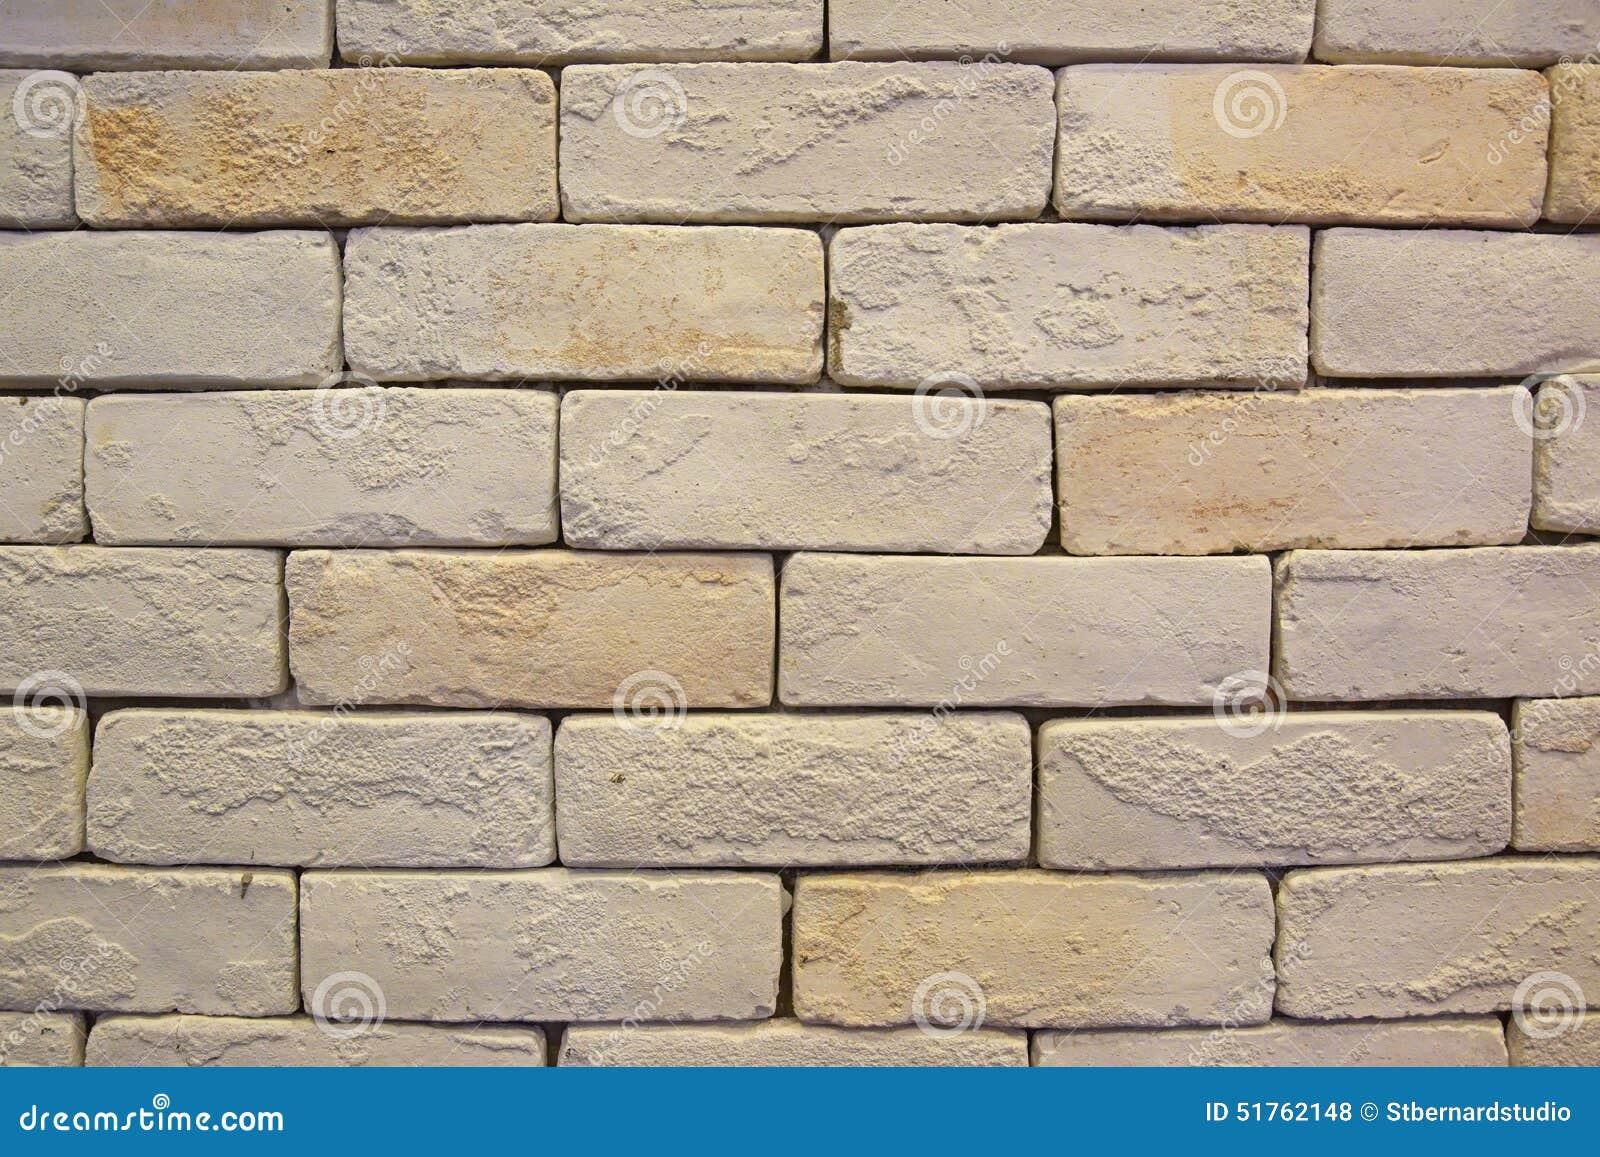 Ladrillos del blanco o del color claro como claramente - Ladrillos de colores ...